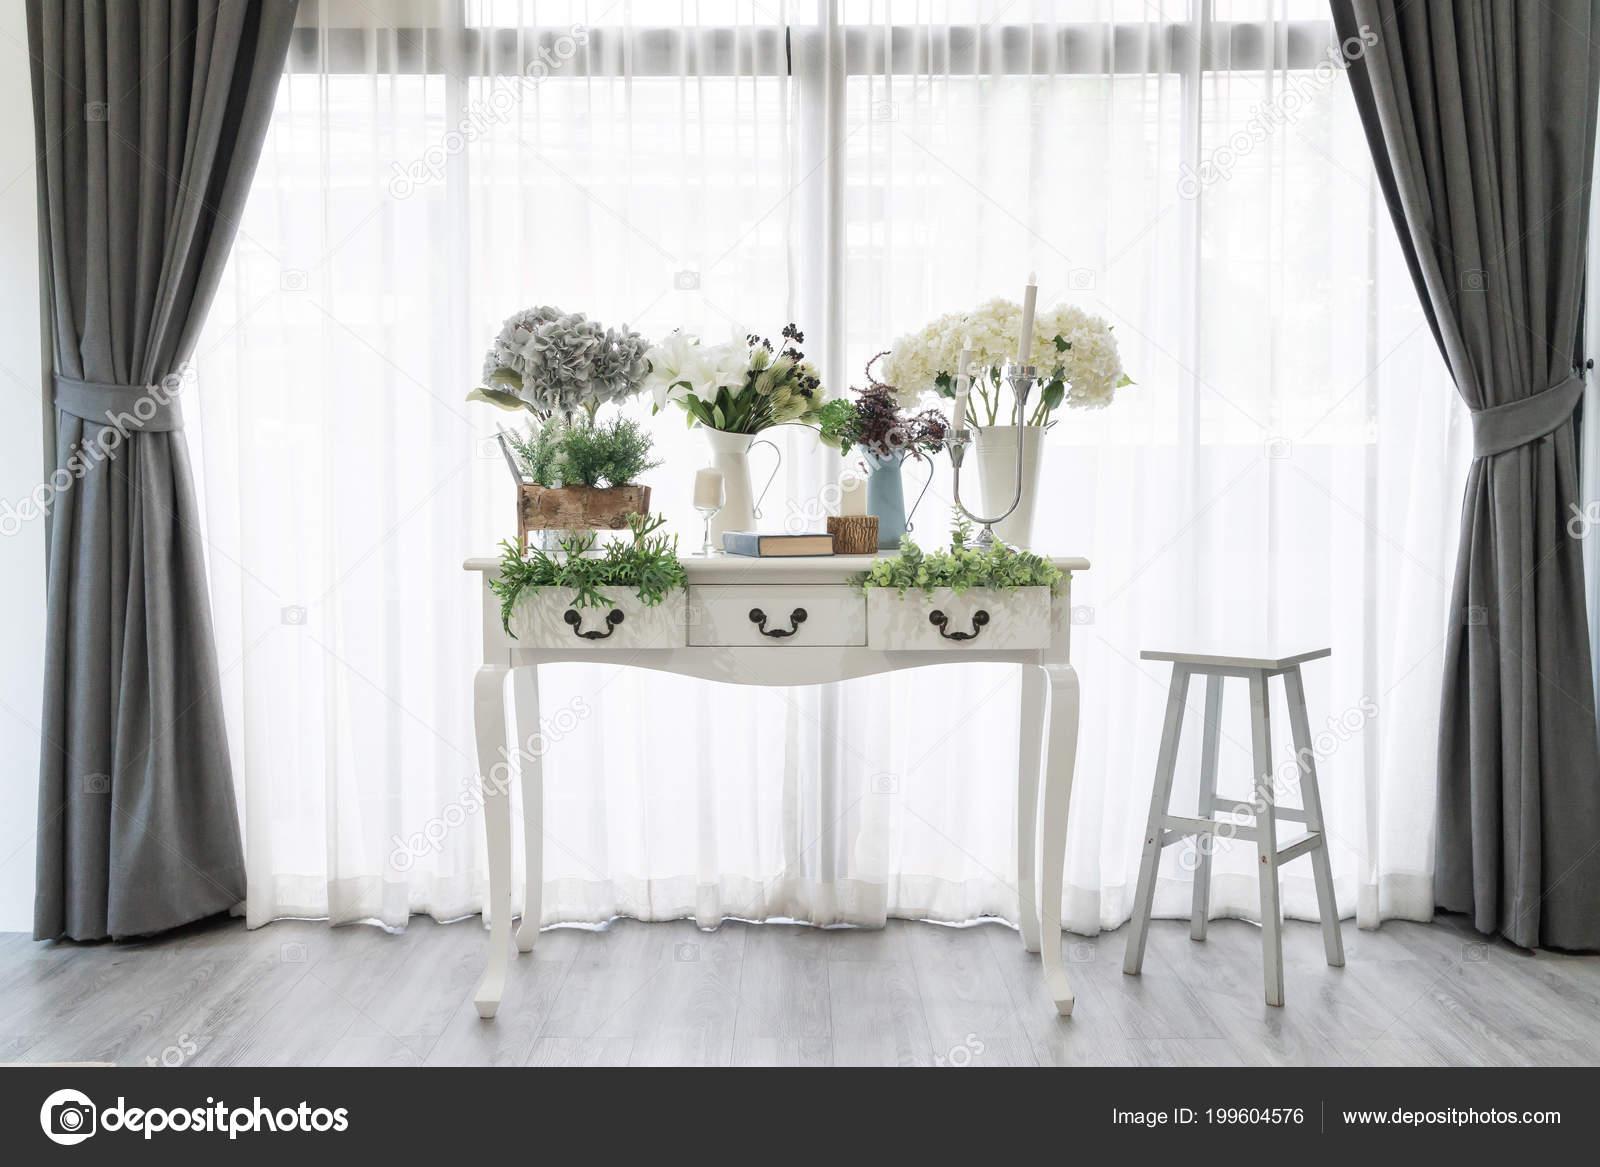 Schöne Weiße Möbel Tisch Dekoration Wohnzimmer Mit Blumen ...